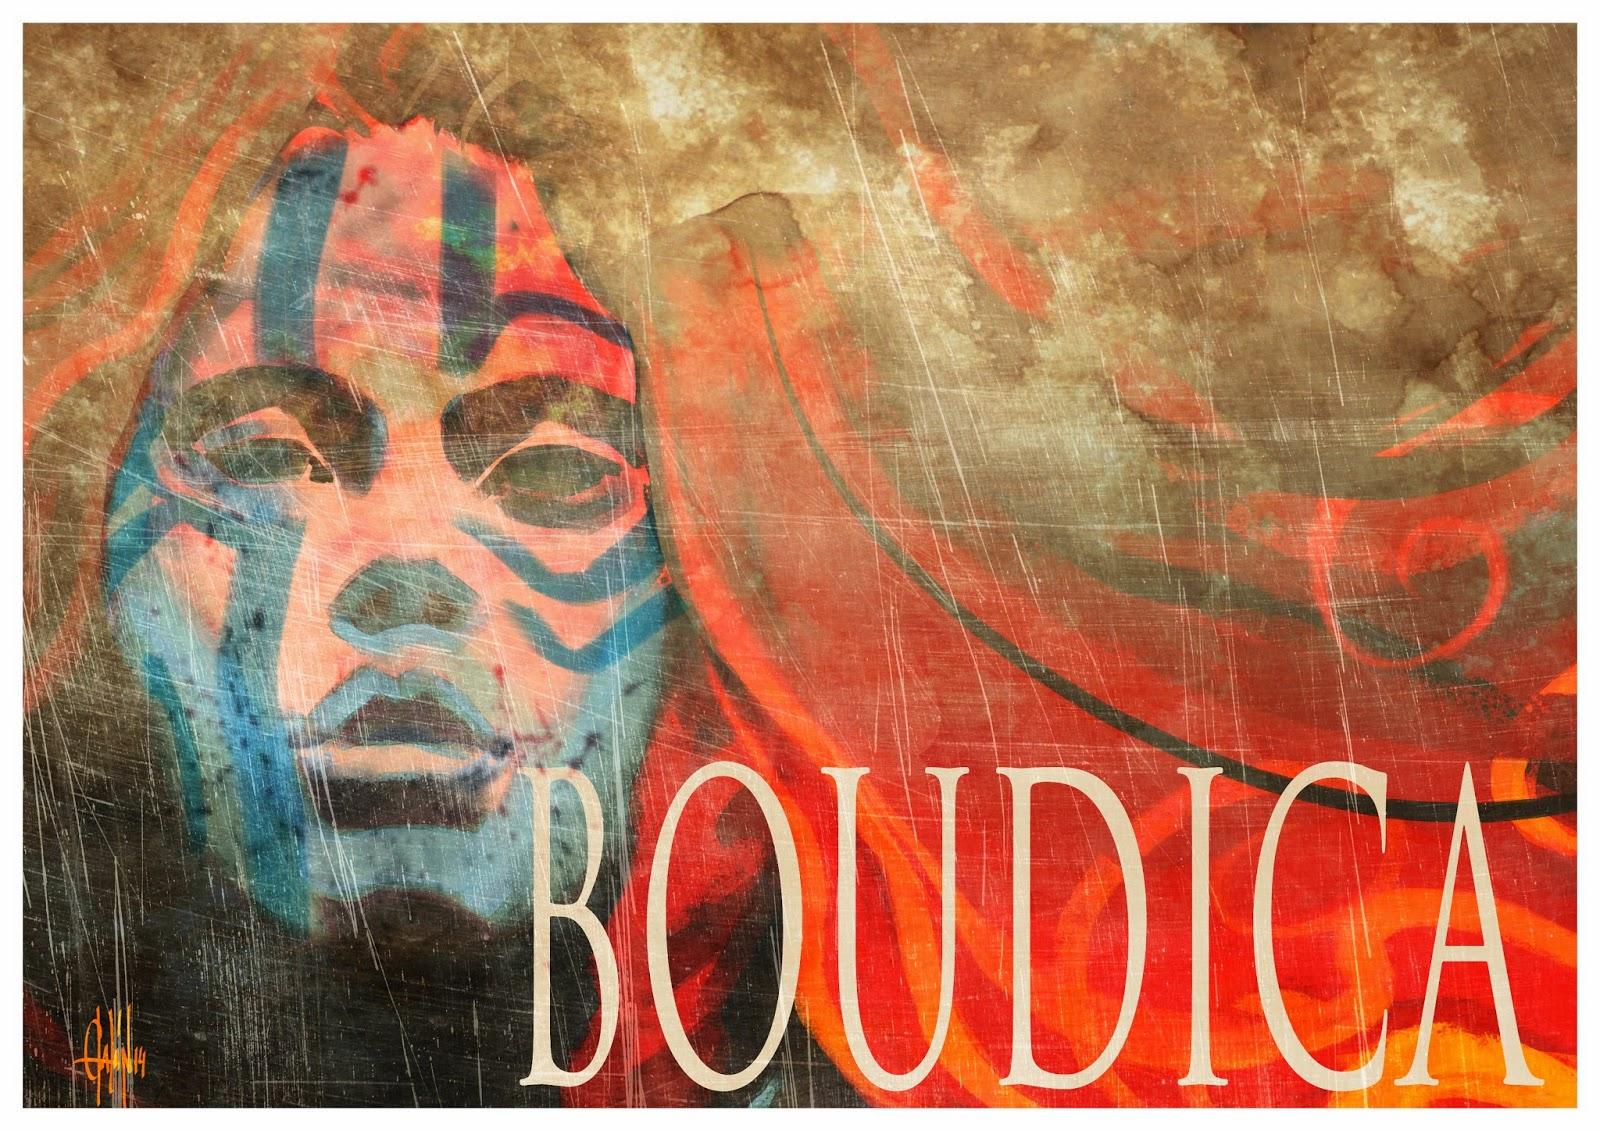 Semana de Boudica (I) modelada por Pedro Fernández